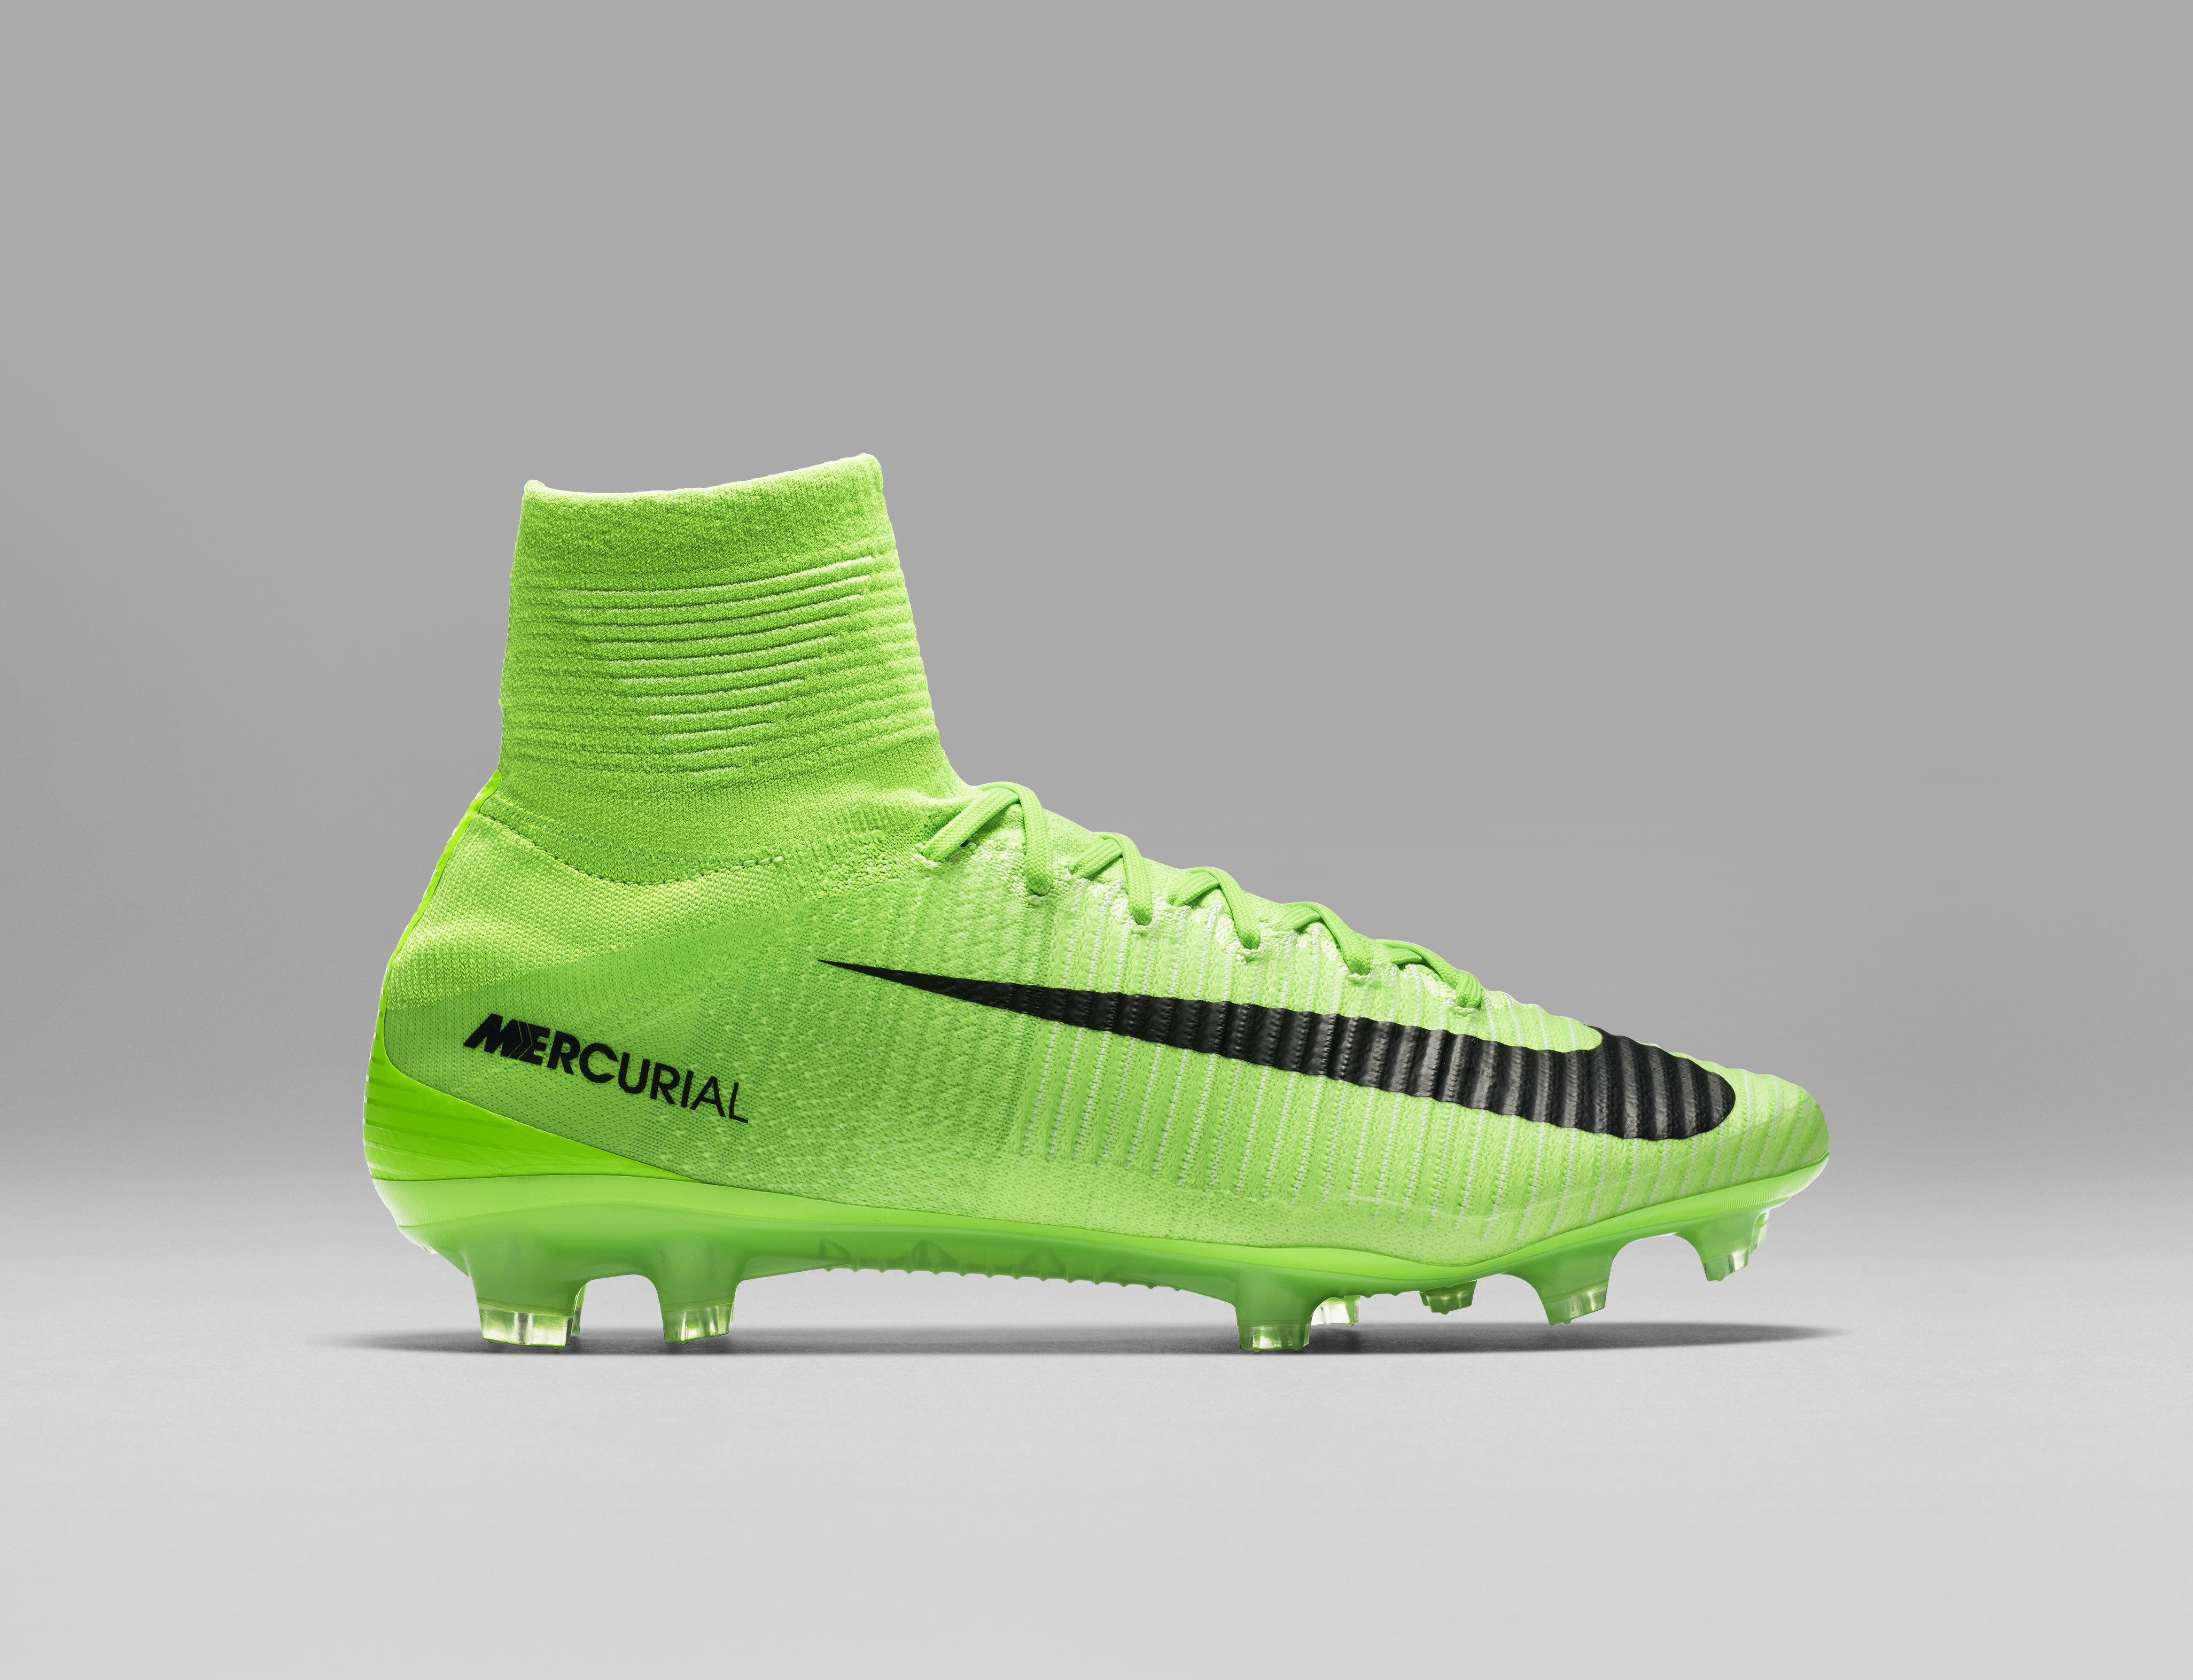 Hyper Sport 2017 >> Scarpe da calcio Nike 2017: i nuovi colori di febbraio di Mercurial, Magista, Hypervenom e ...